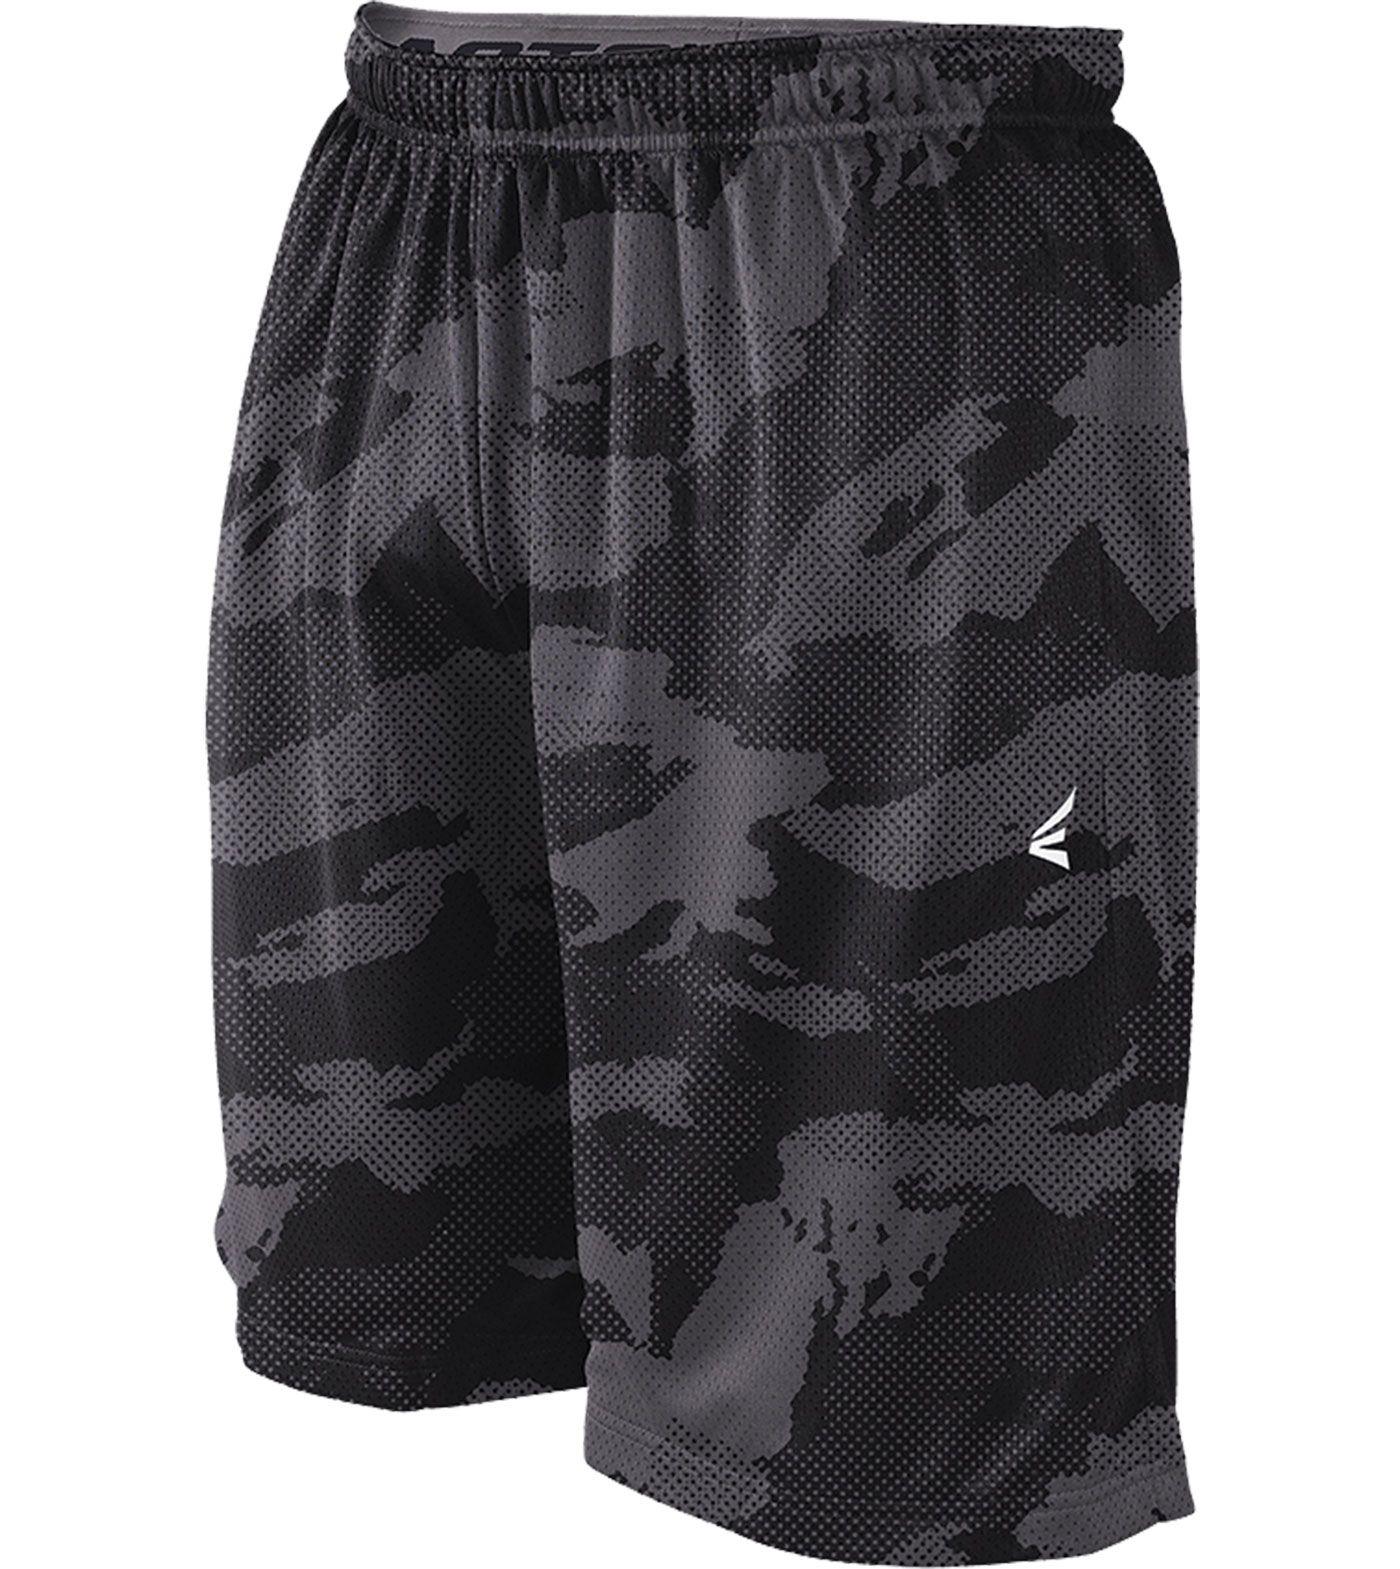 Easton Men's M5 Basecamo Mesh Baseball Shorts